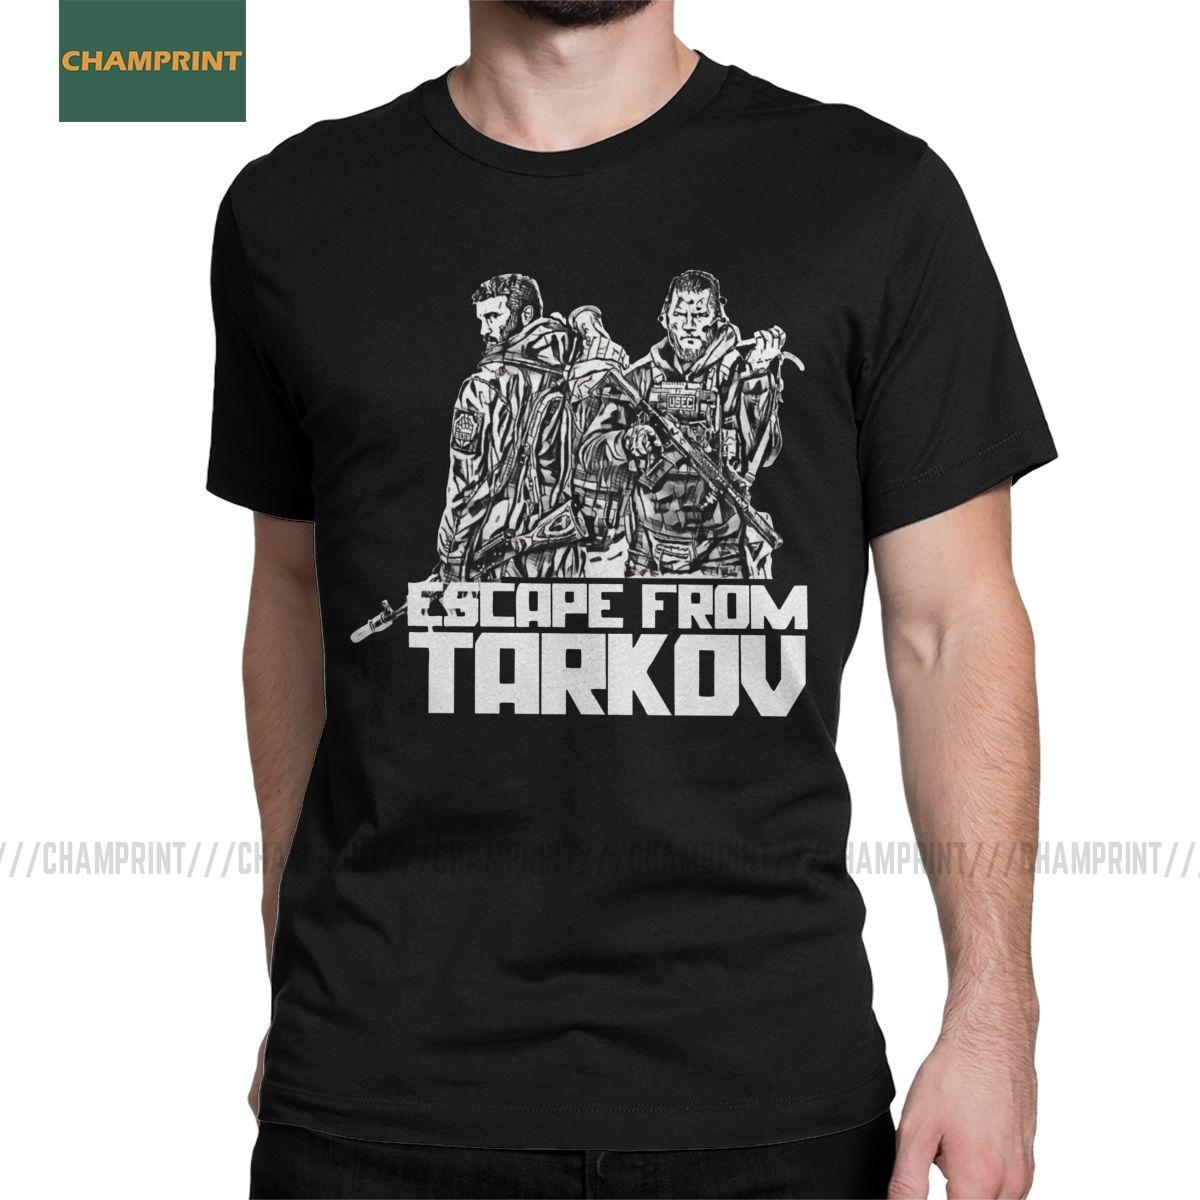 Hombres T-Shirts Escape From Tarkov oso contra Usec algodón de la camiseta de manga corta camisa tirador GG Batalla juego del juego T Shirts más el tamaño